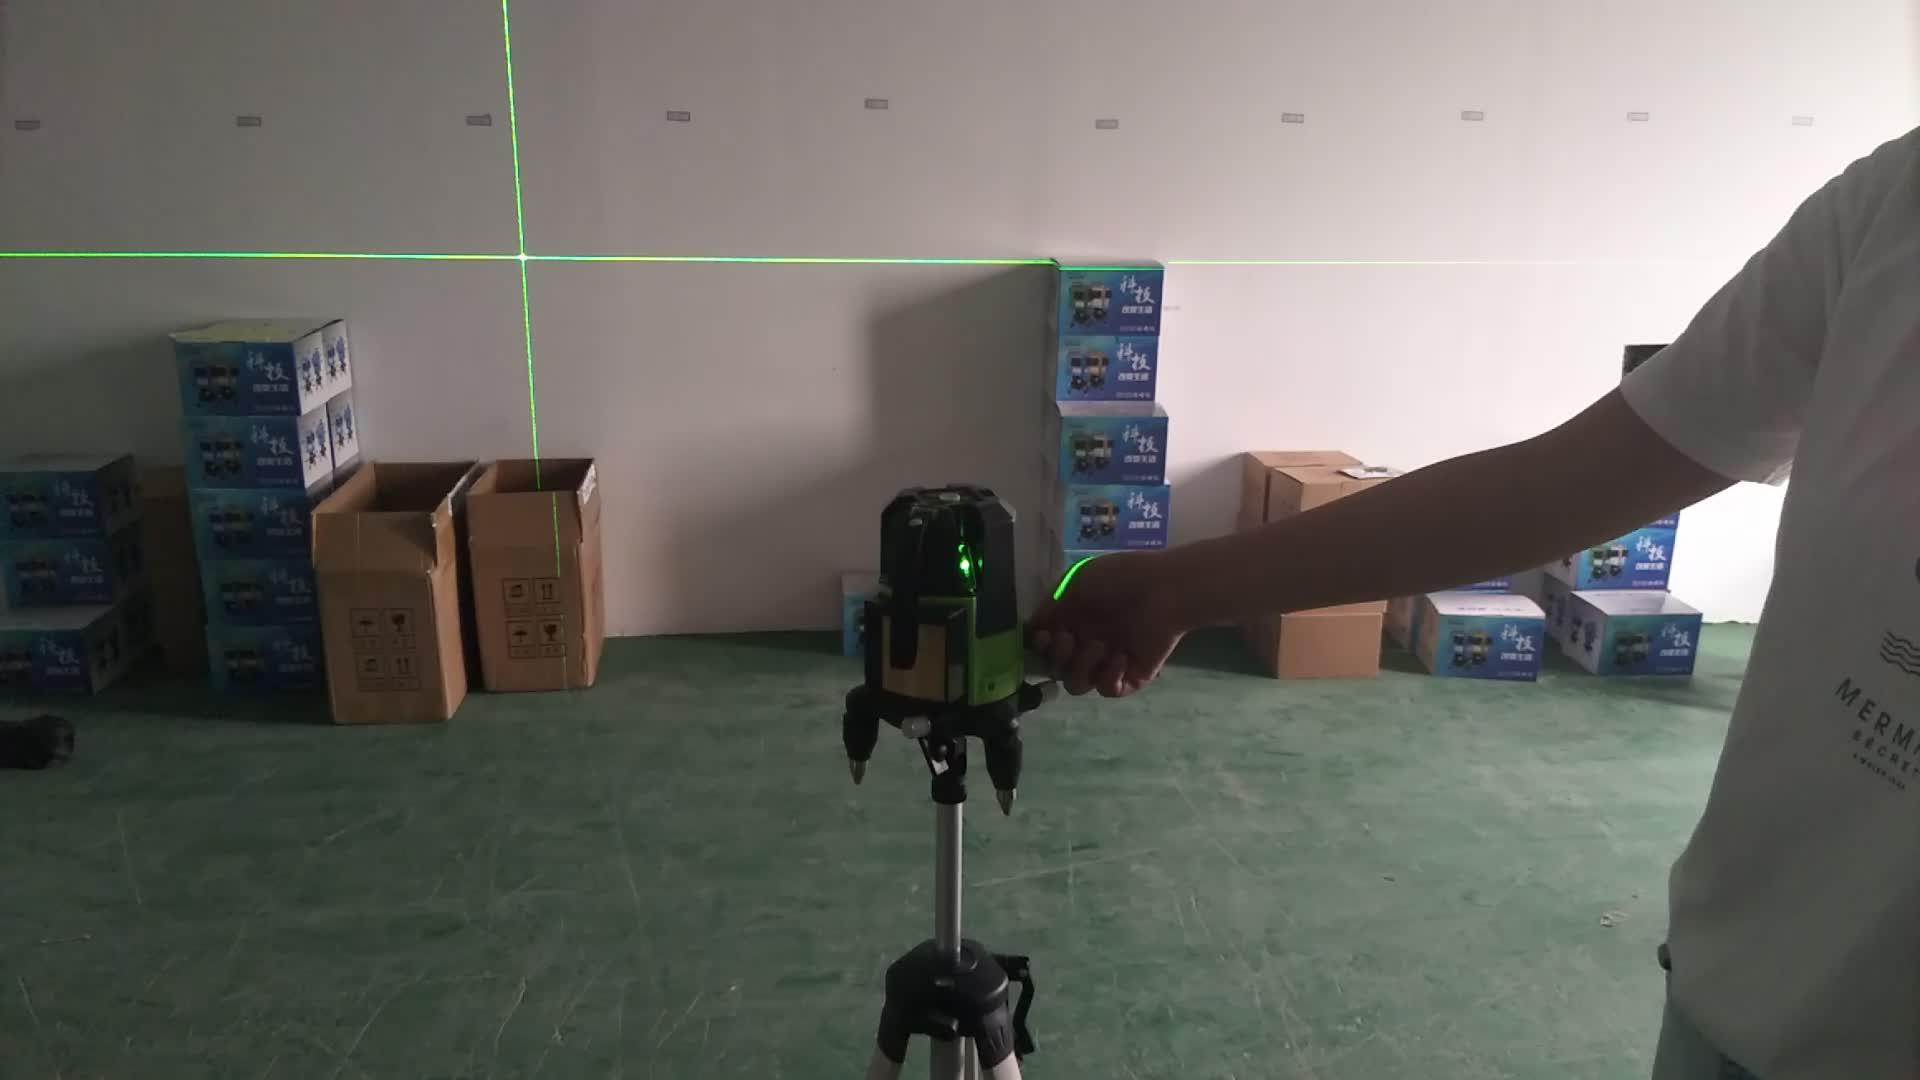 Lazer Niveau Nivel Laser Kruis Groene Beam Zelfnivellerende 360 Roterende Auto 5 Lijn Laser Niveau Leveranciers Outdoor Machine Meten